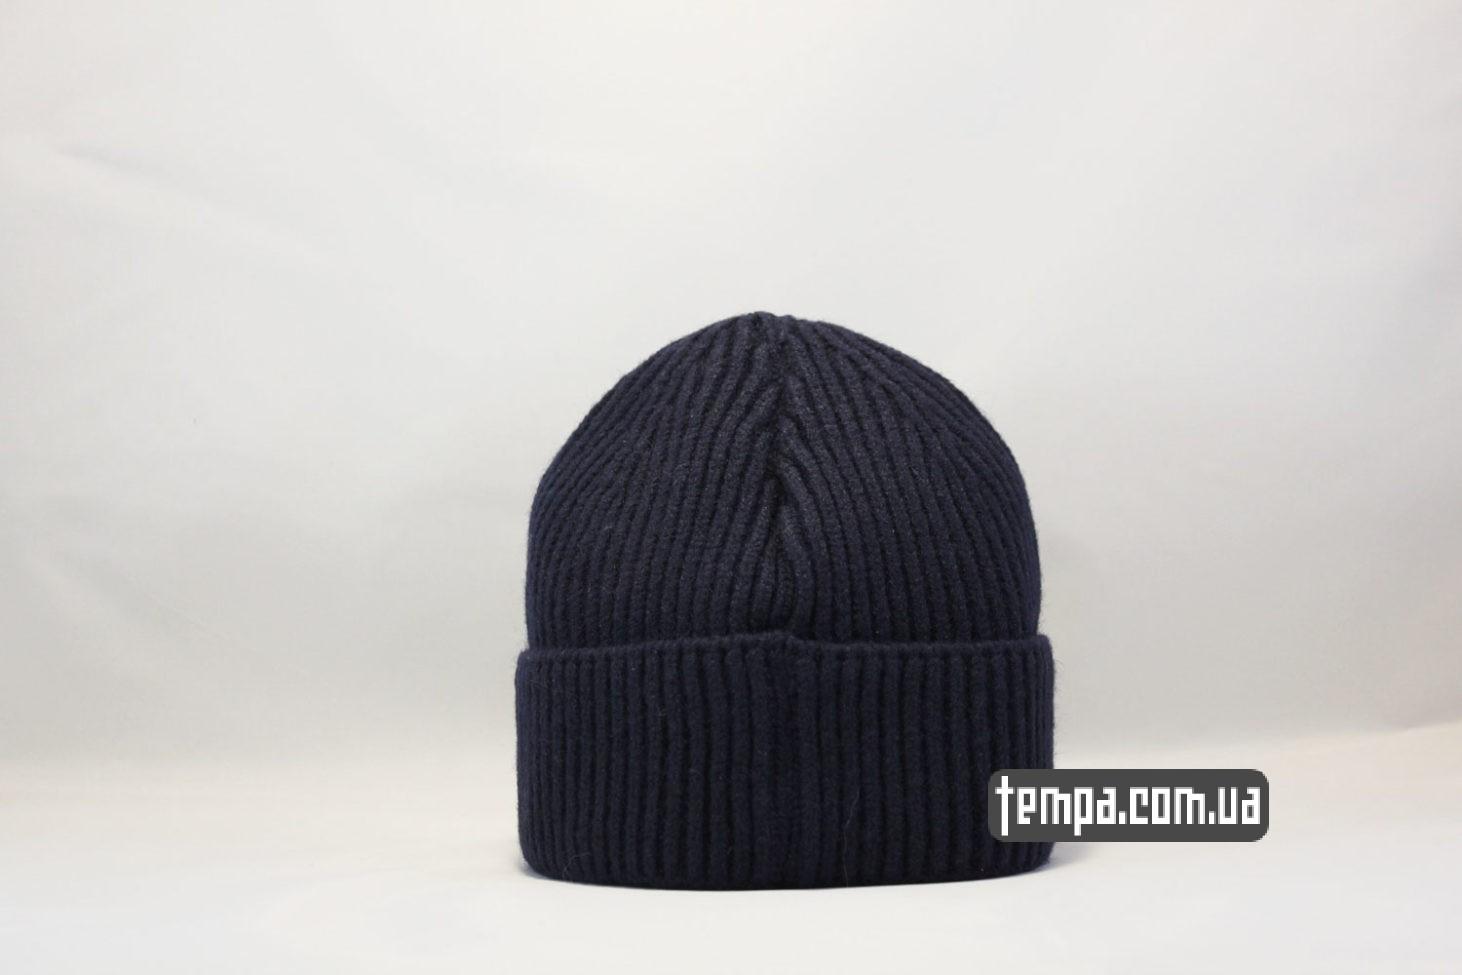 корткая монатик шапка beanie Carhartt Blue синяя магазин купить